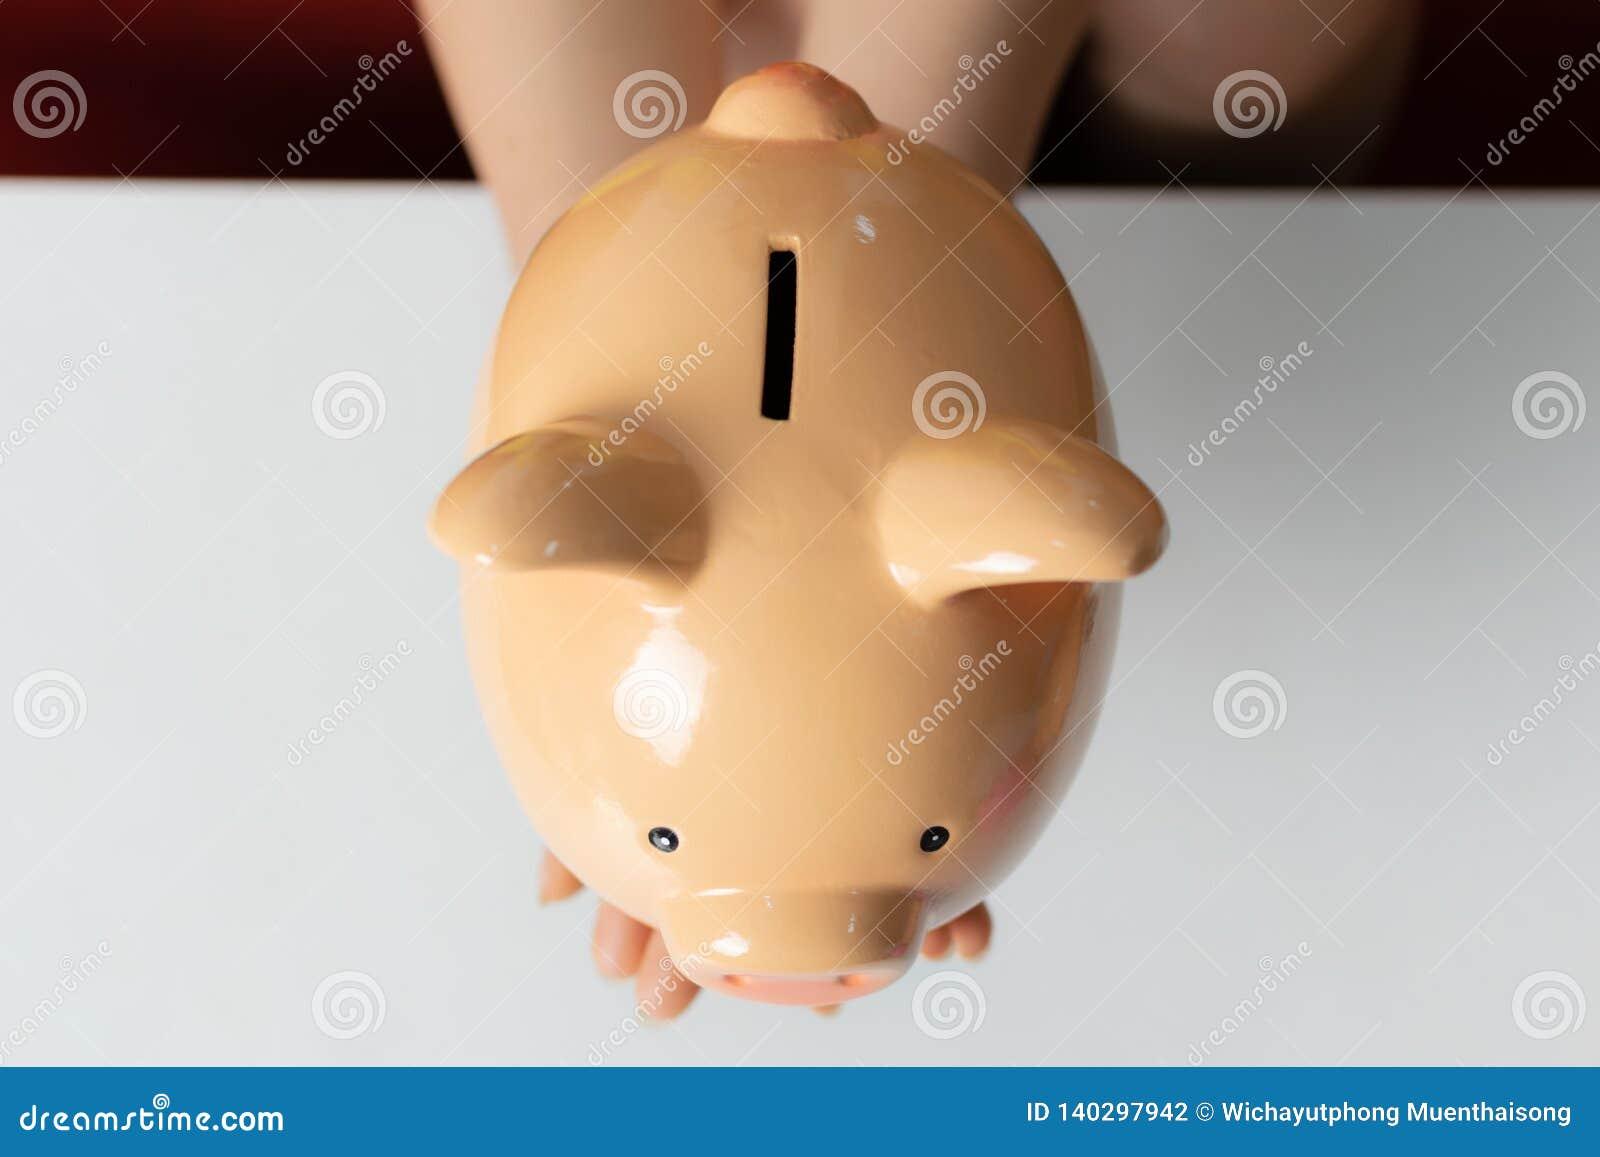 Woman hand hold piggy bank